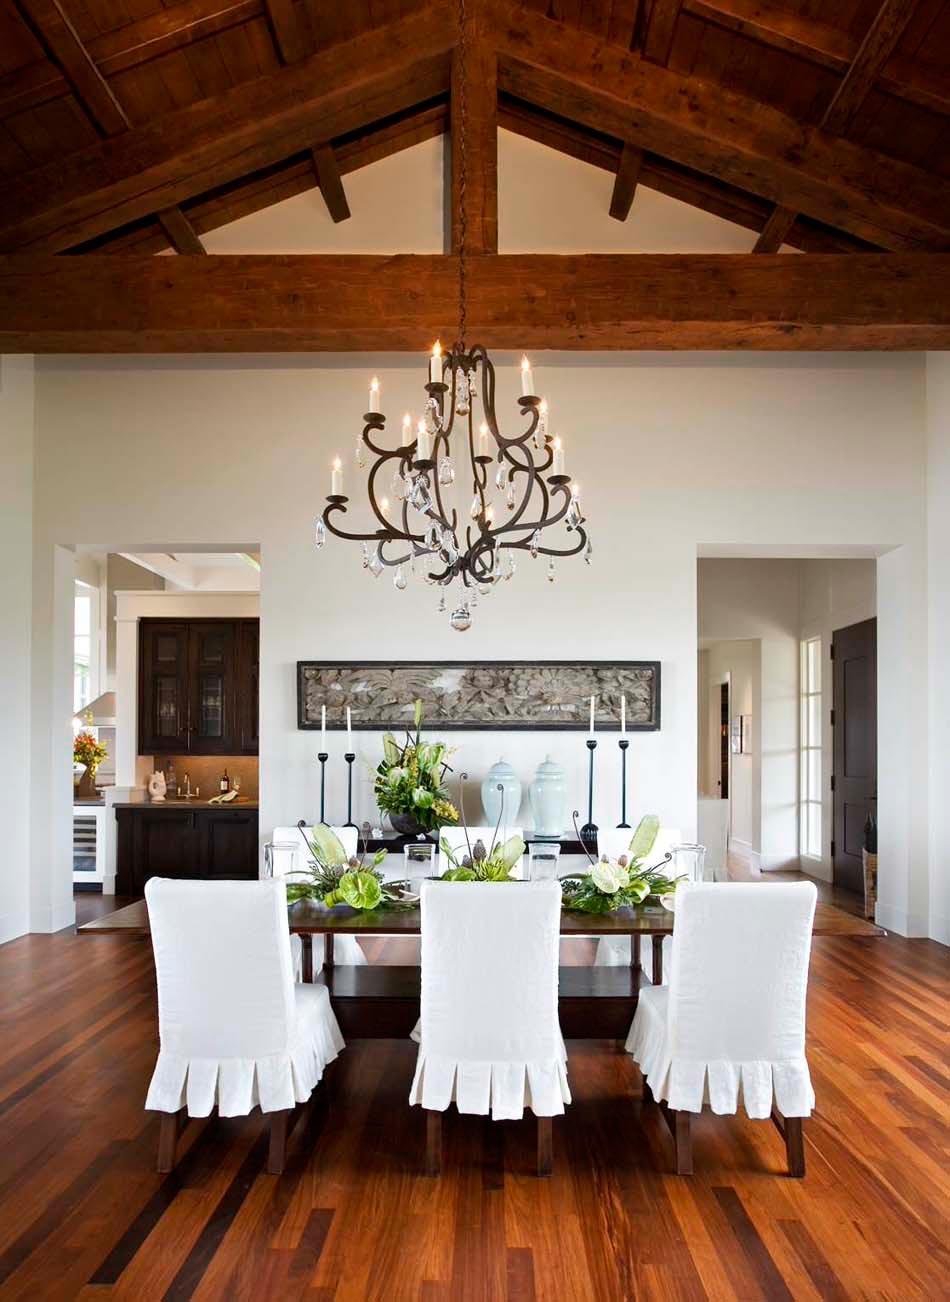 Le Lustre Design La Touche Necessaire Pour Une Decoration Interieure Finie Design Feria